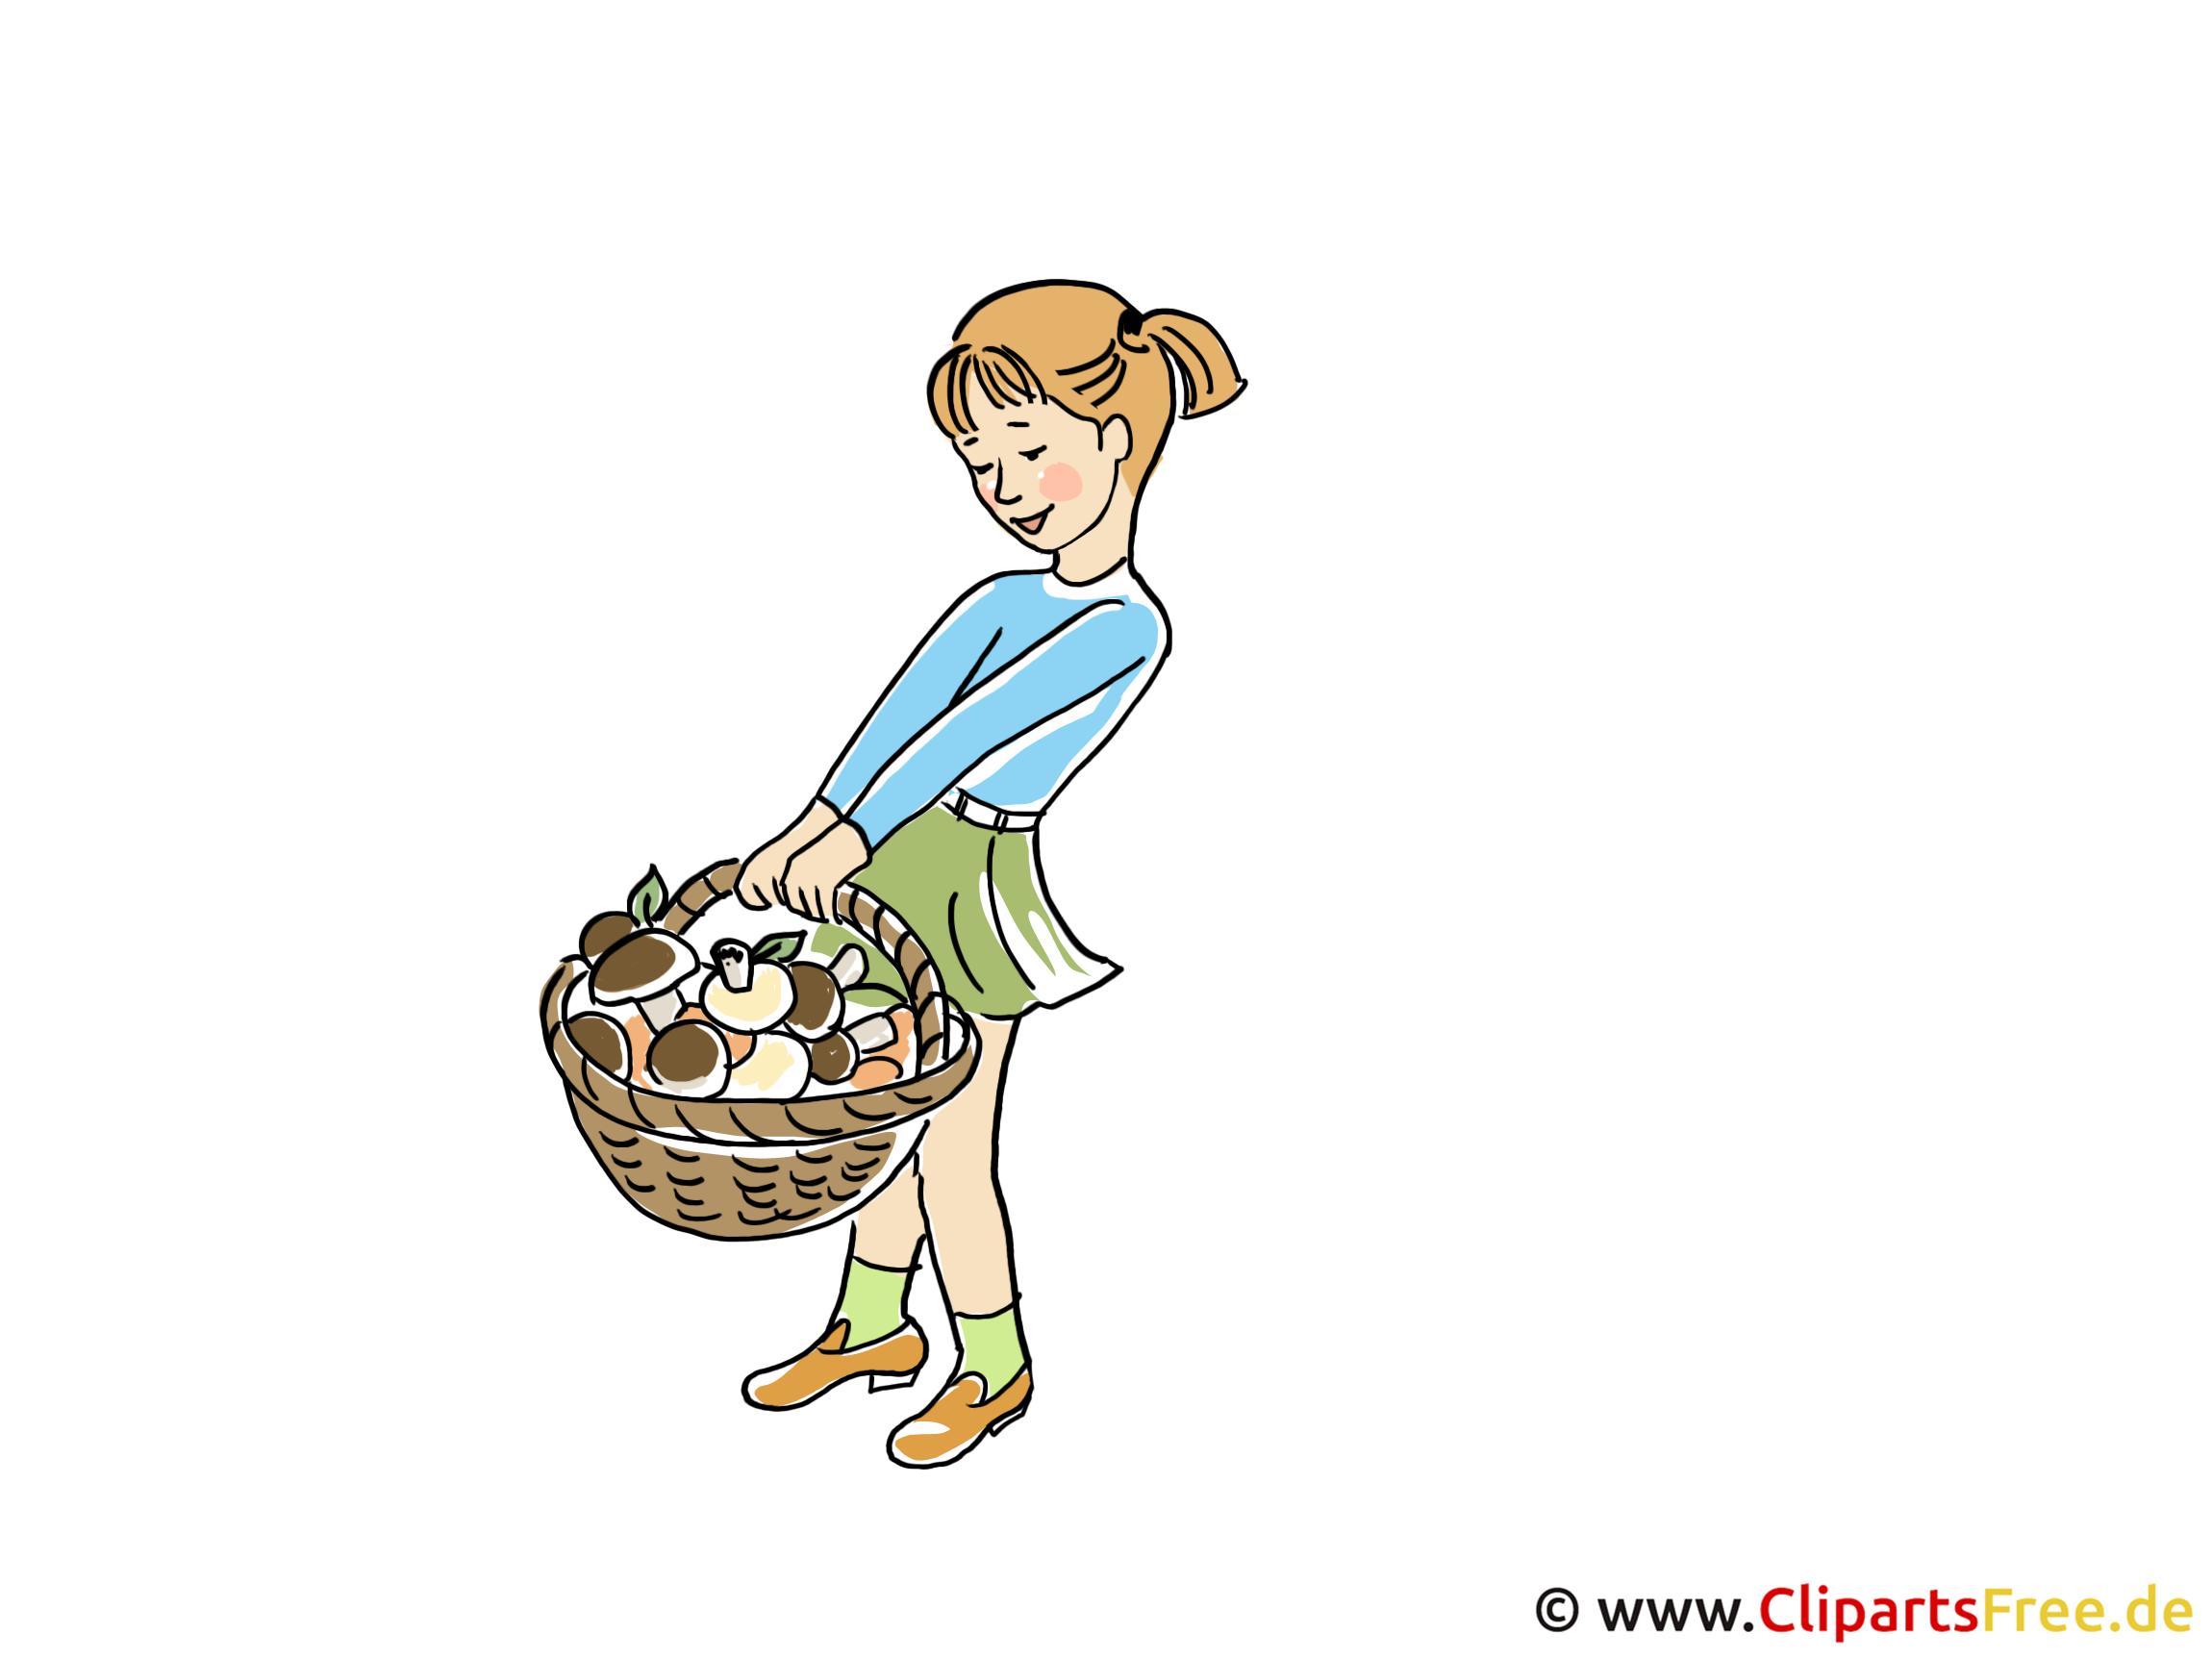 Mädchen mit Korb Bild - Wallpaper Herbstbilder